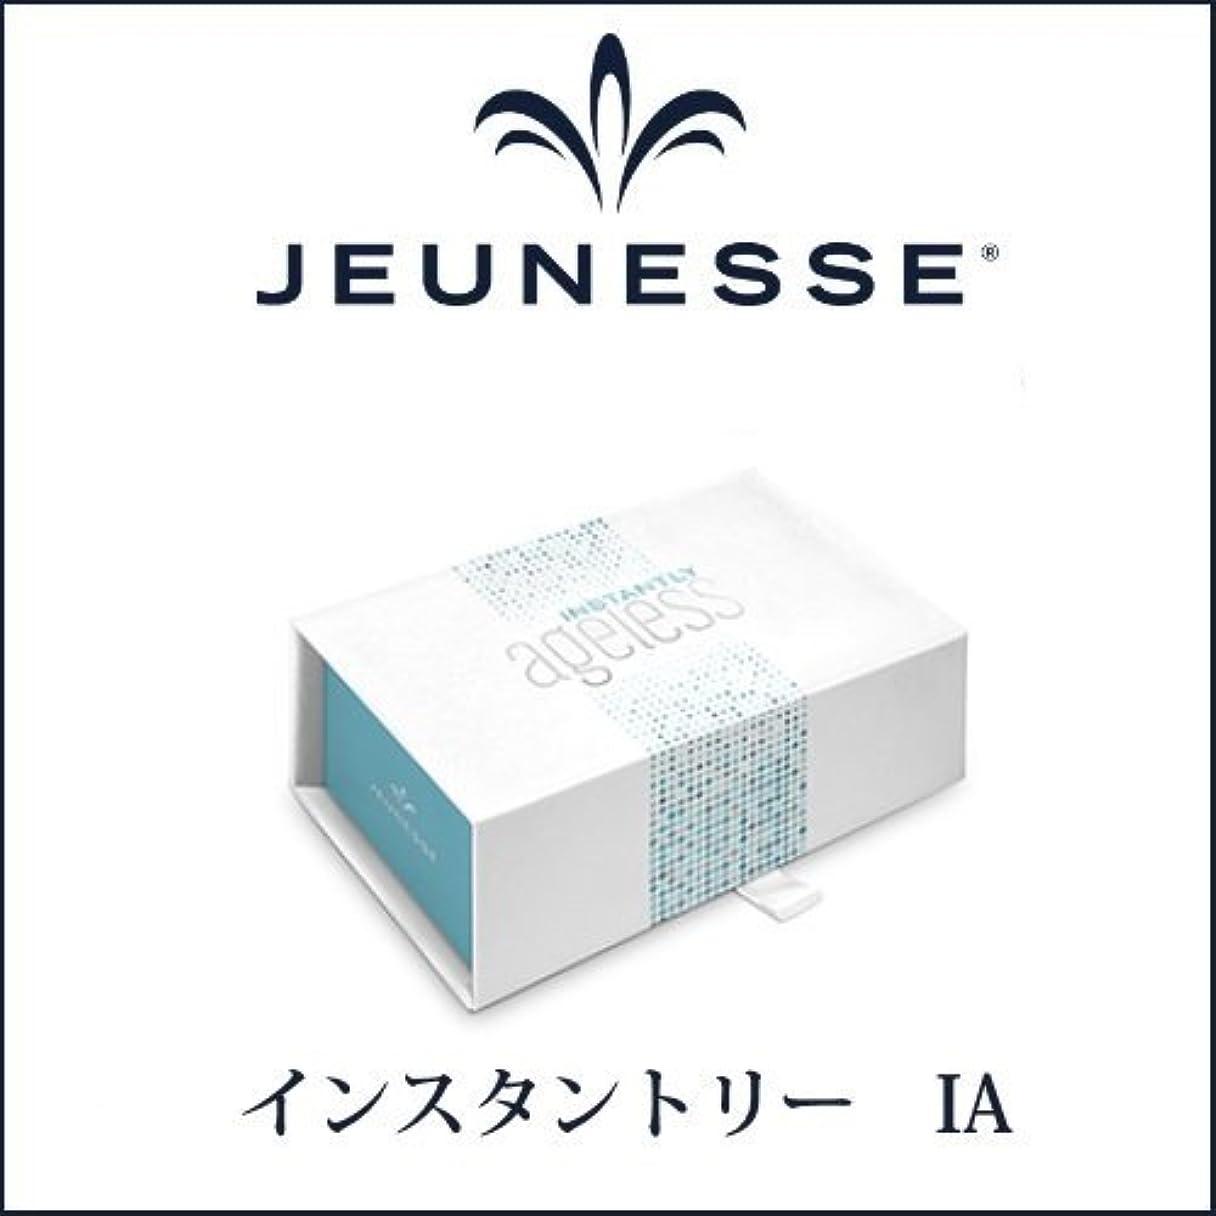 スワップ拡大する等しいジュネスグローバル インスタントリー IA 50包入り ルミネス化粧品 ageless